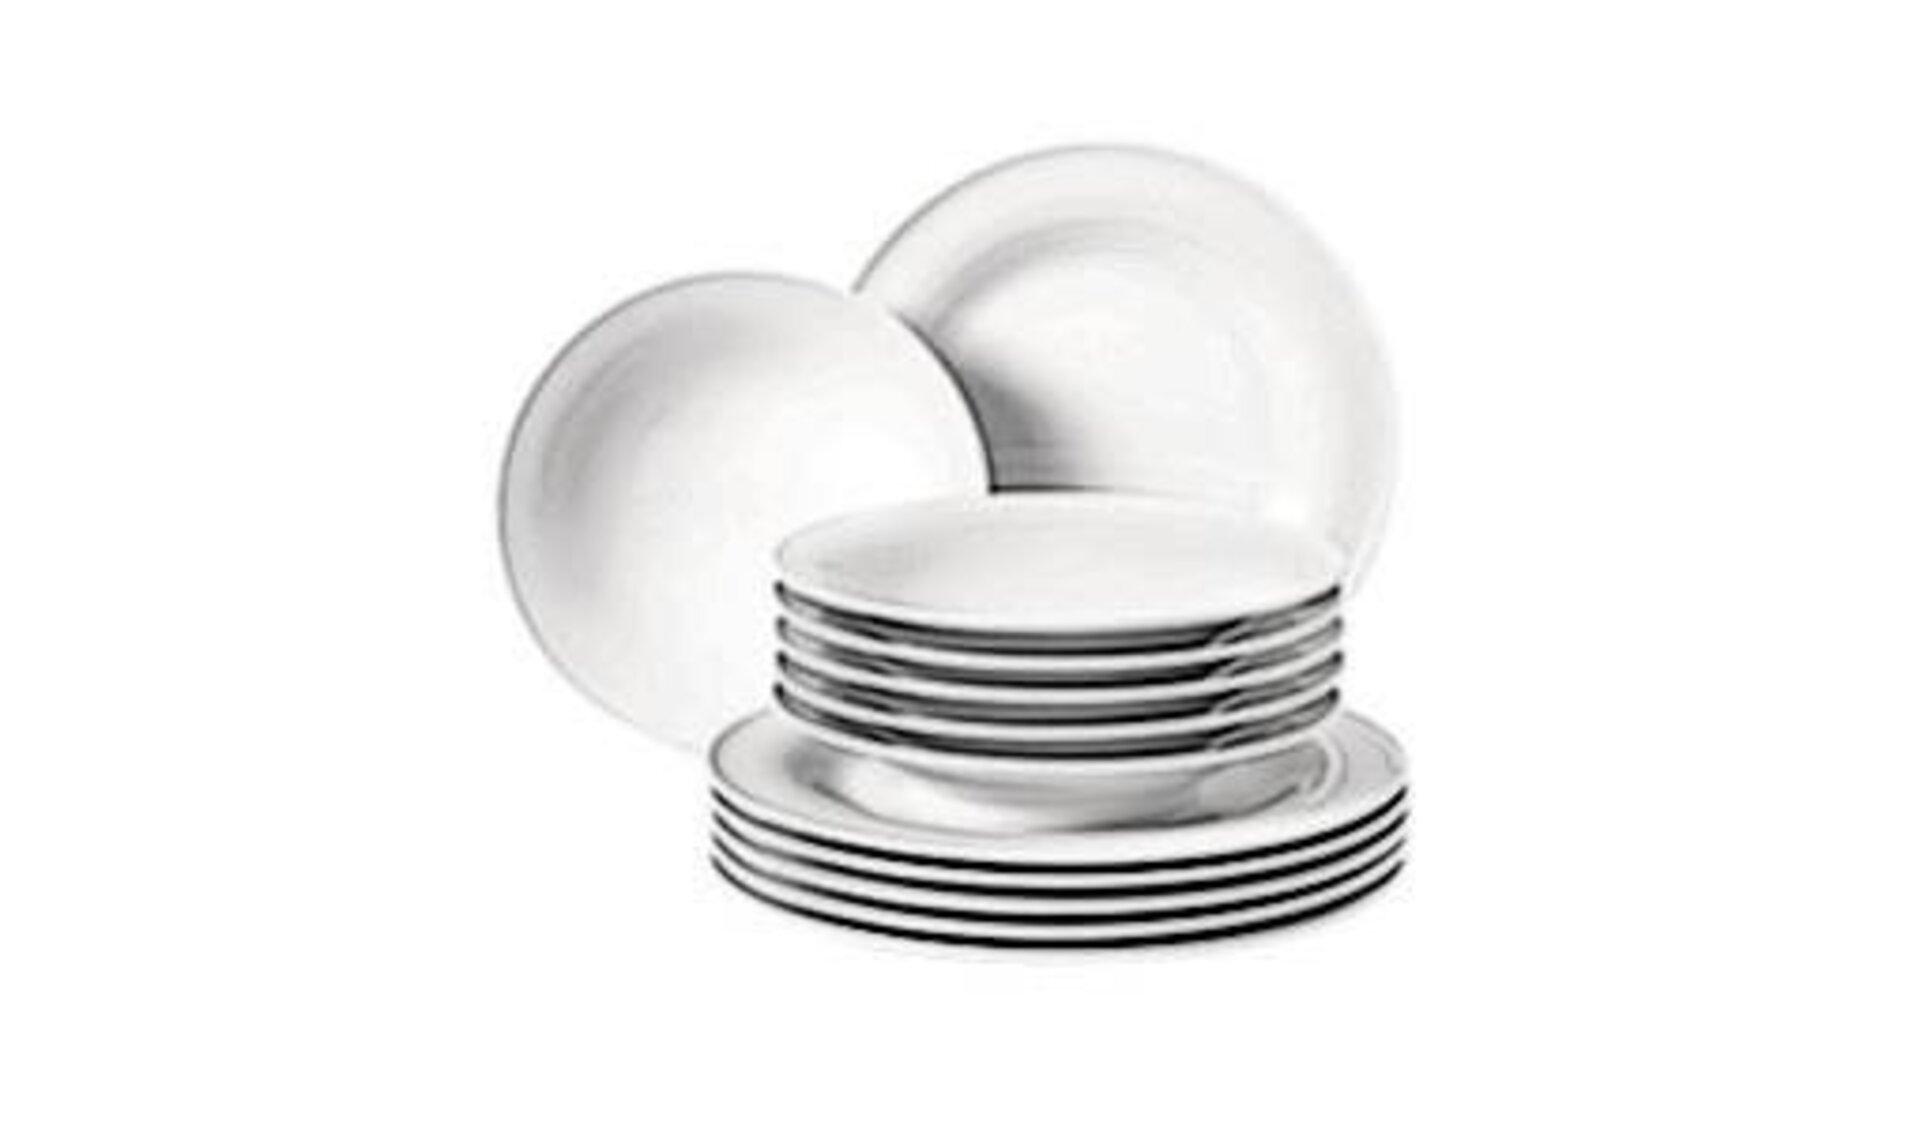 Geschirrset bestehend aus flachen Tellern und Suppentellern stehen als Synonym für alle Geschirrsets innerhalb der Kategorie.